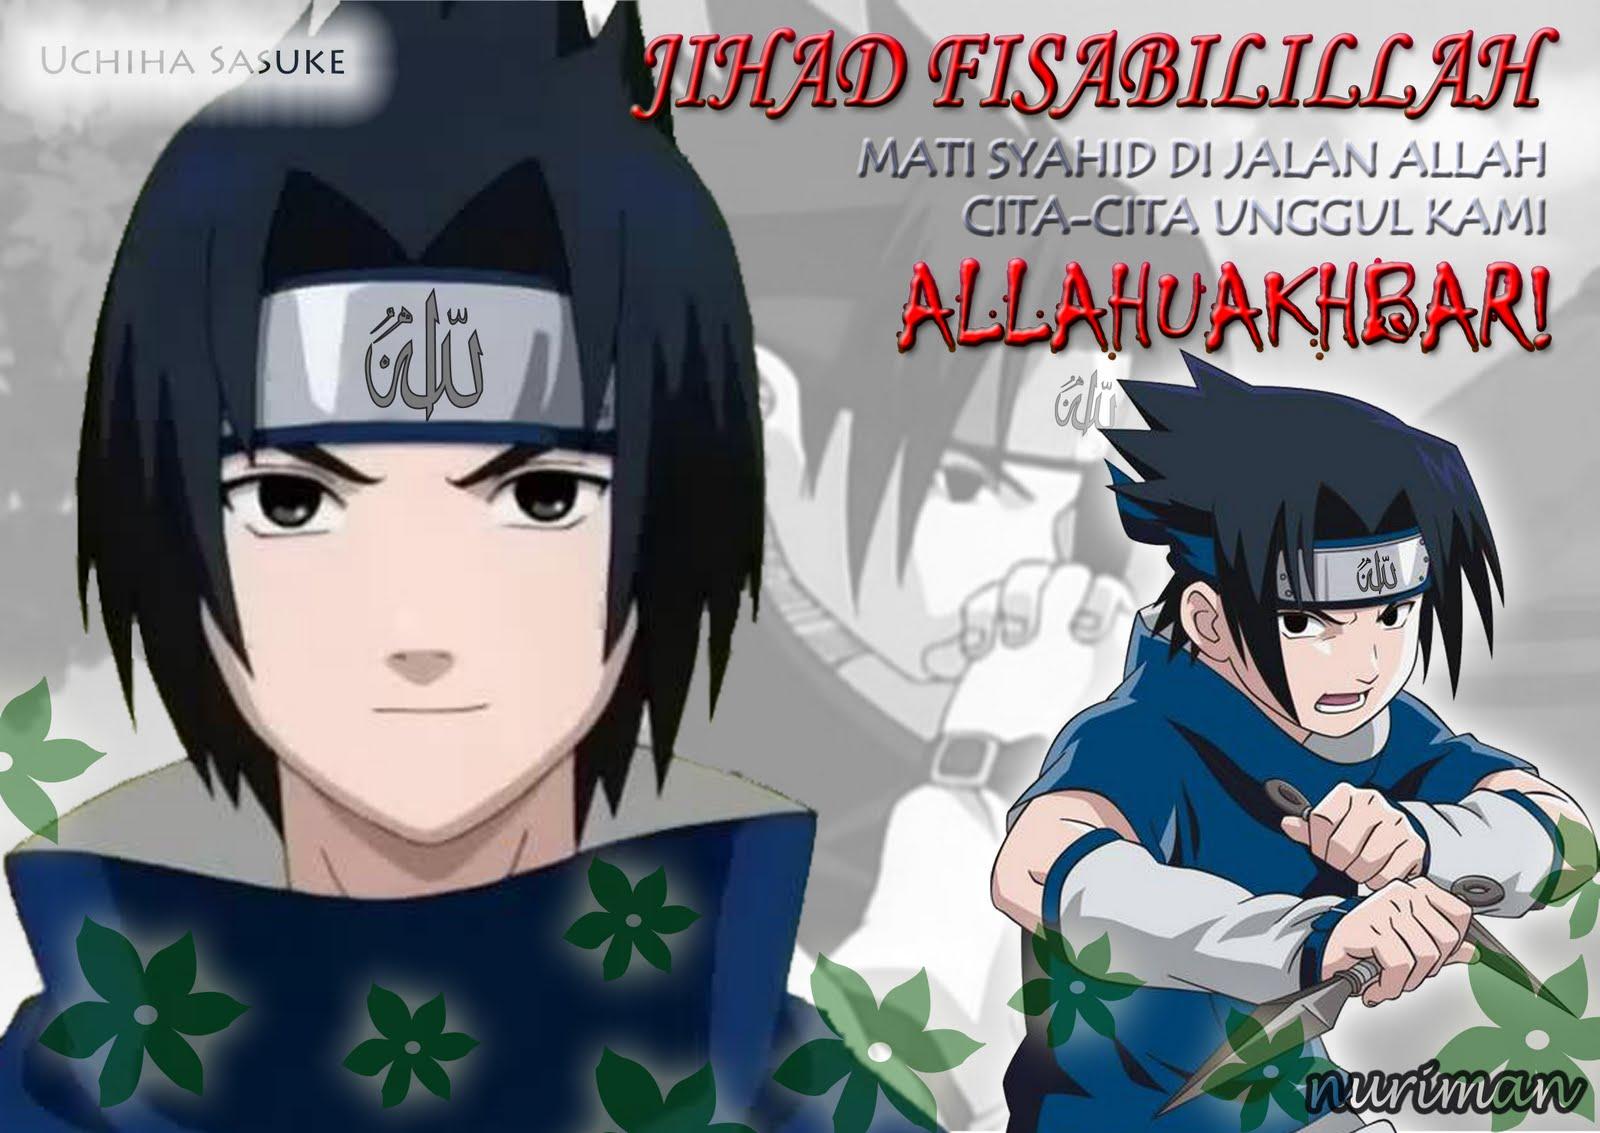 http://4.bp.blogspot.com/_X366ltahkso/S63eGDEID-I/AAAAAAAAACU/MQ0bdY5yBY8/s1600/sasuke3.jpg